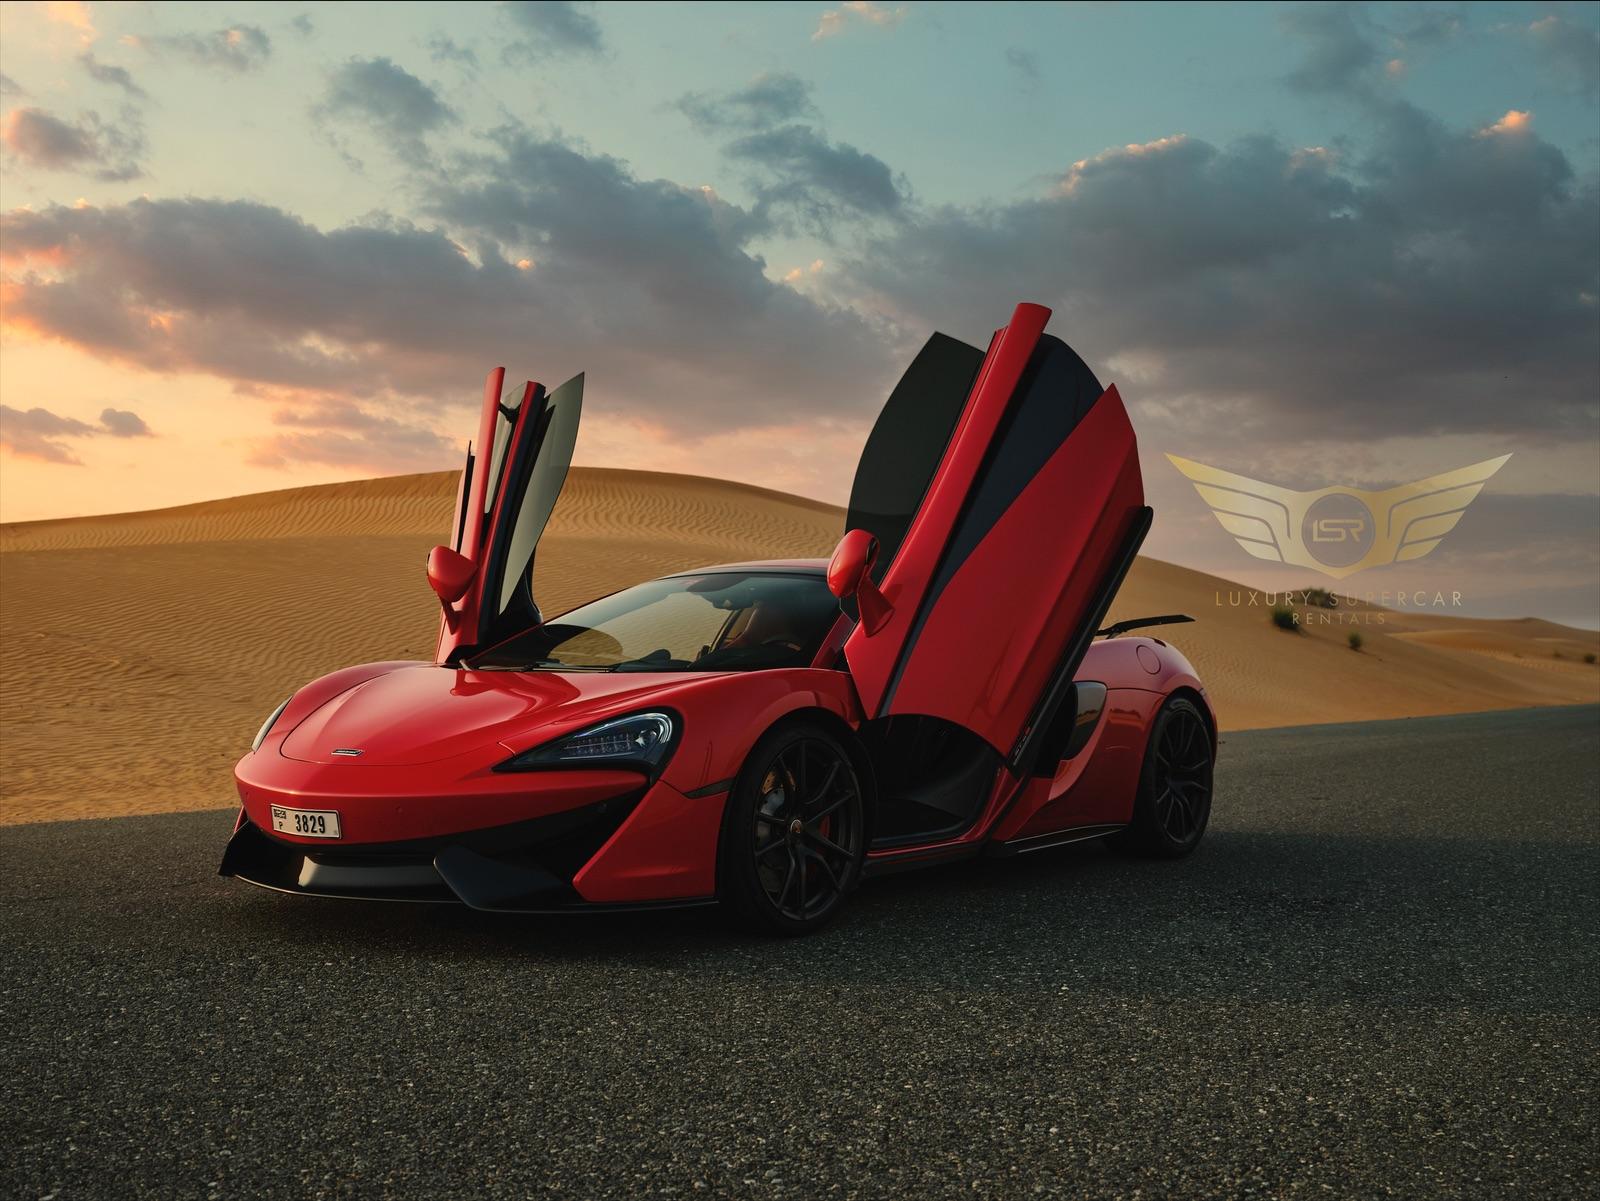 Luxury-supercar-rentals-Dubai